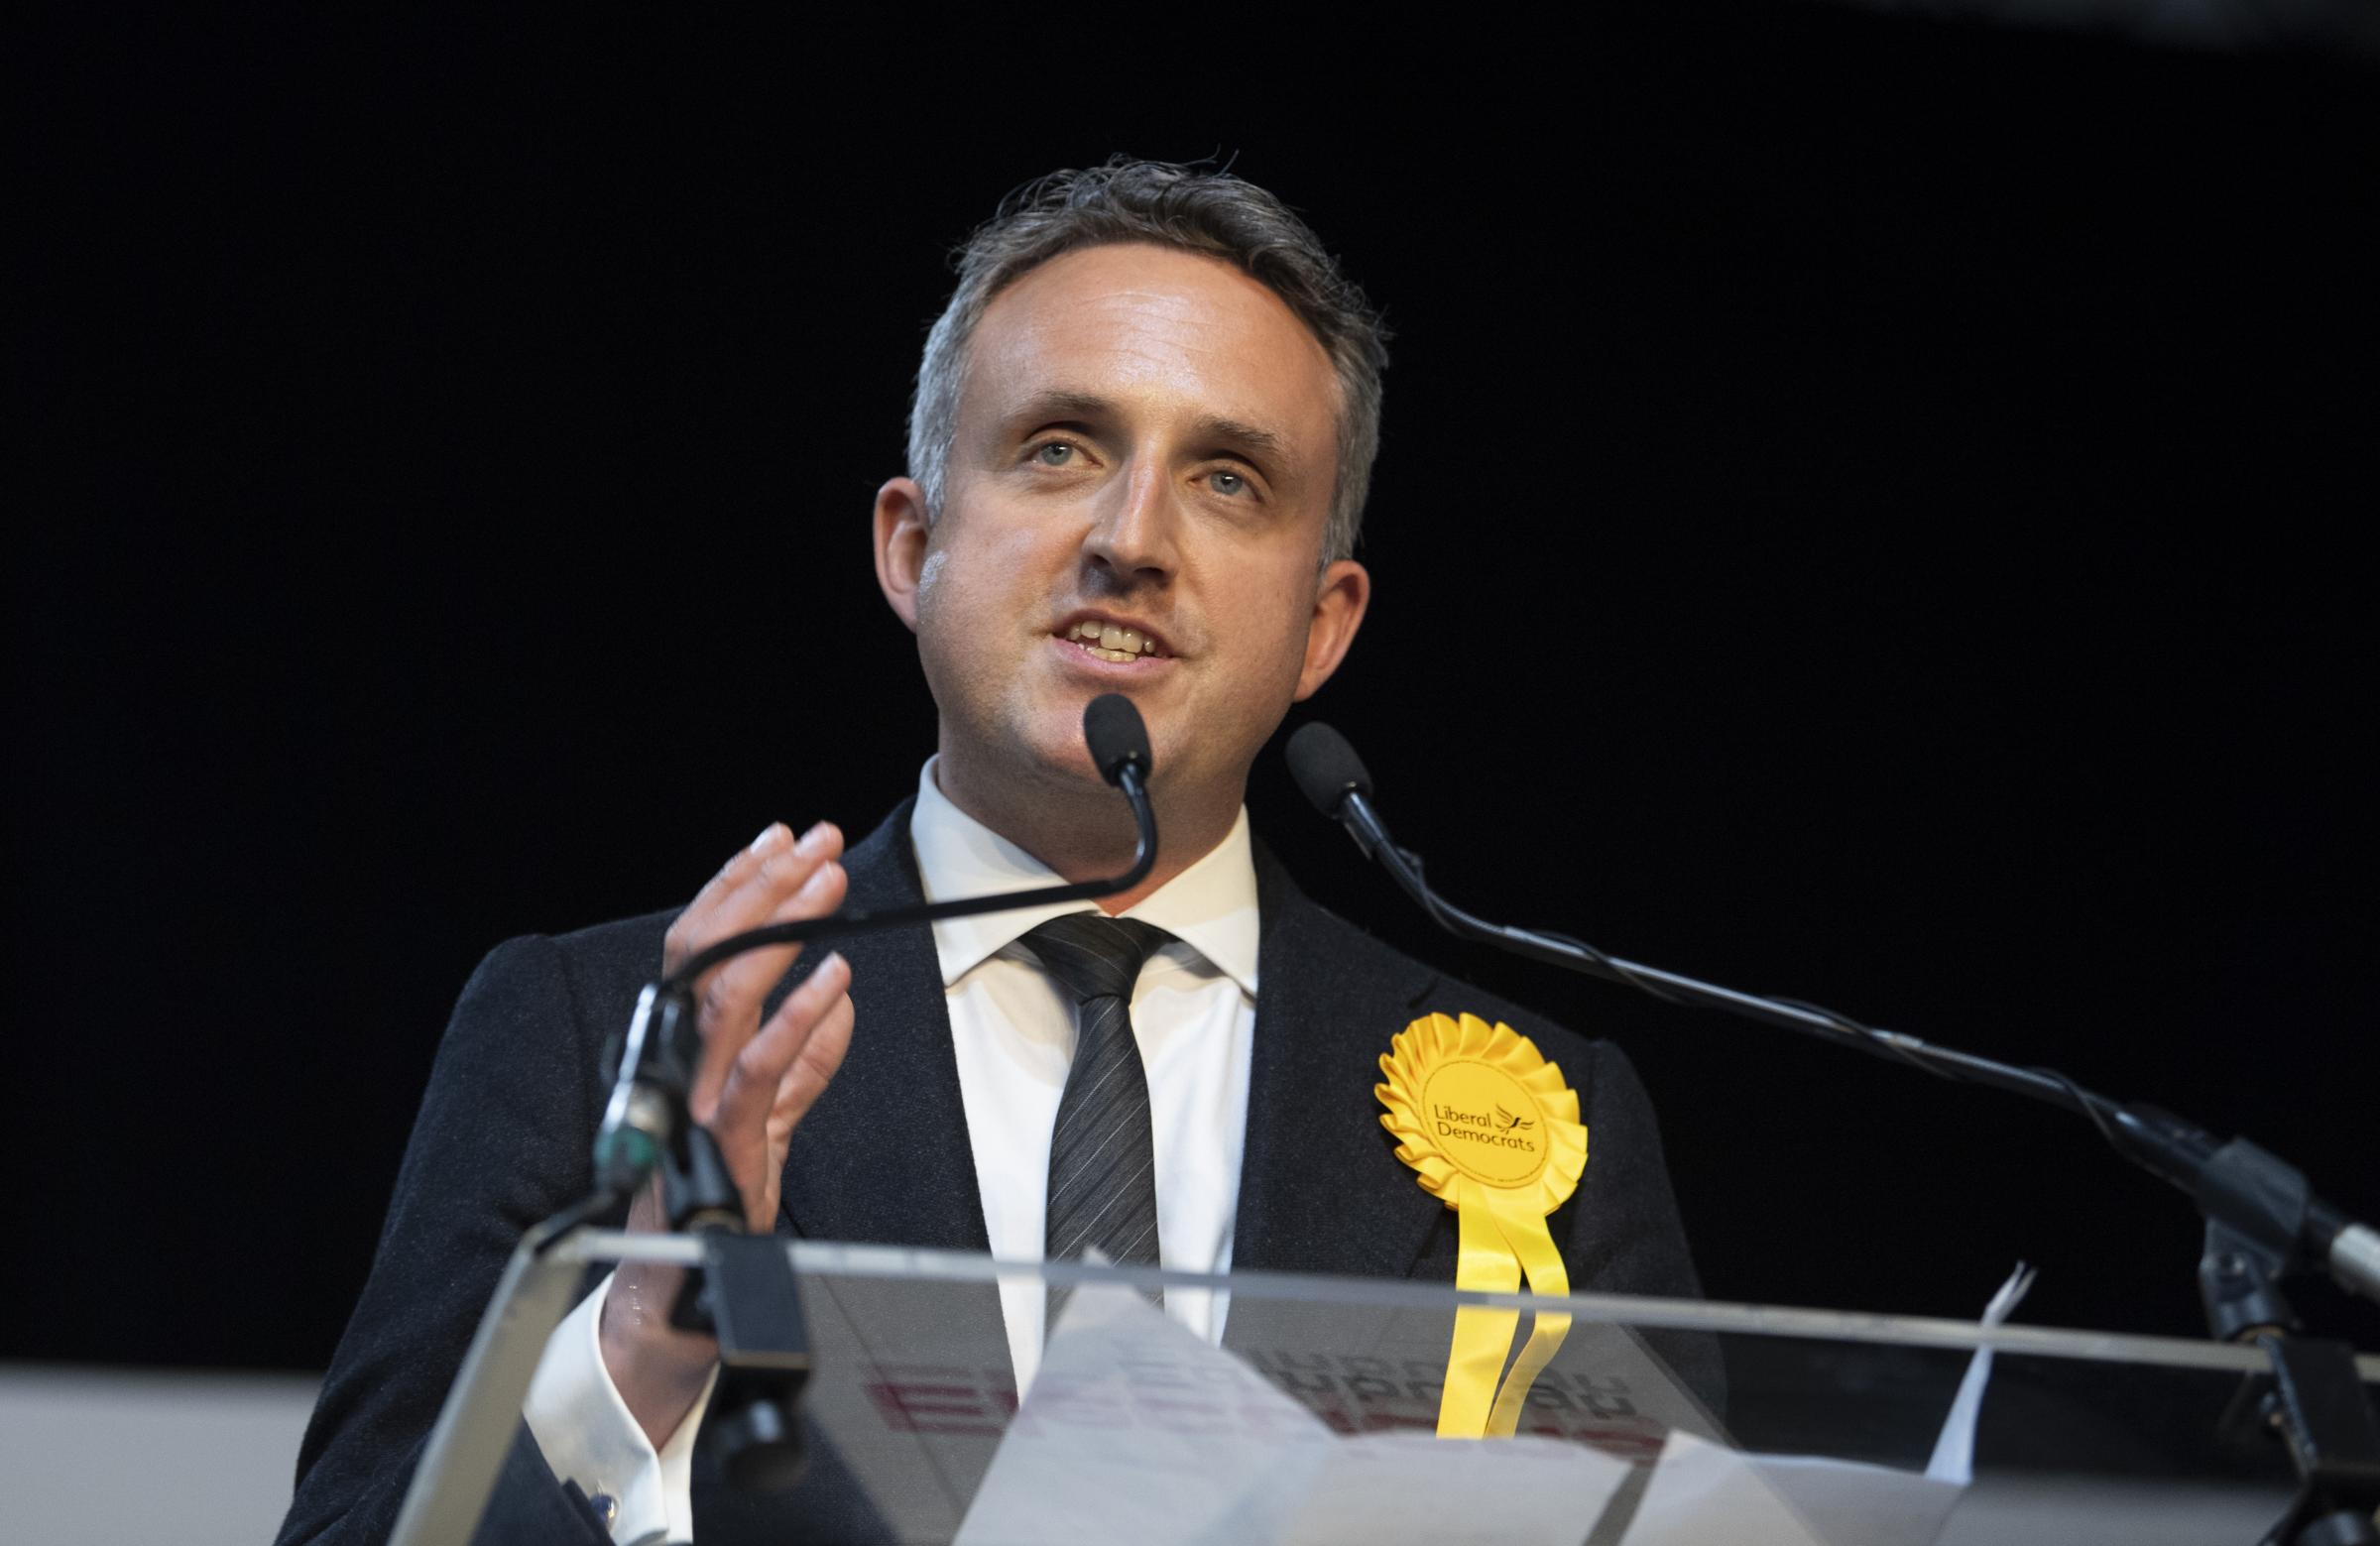 Cole-Hamilton exigirá a los ministros que publiquen los tiempos de espera de las ambulancias todas las semanas